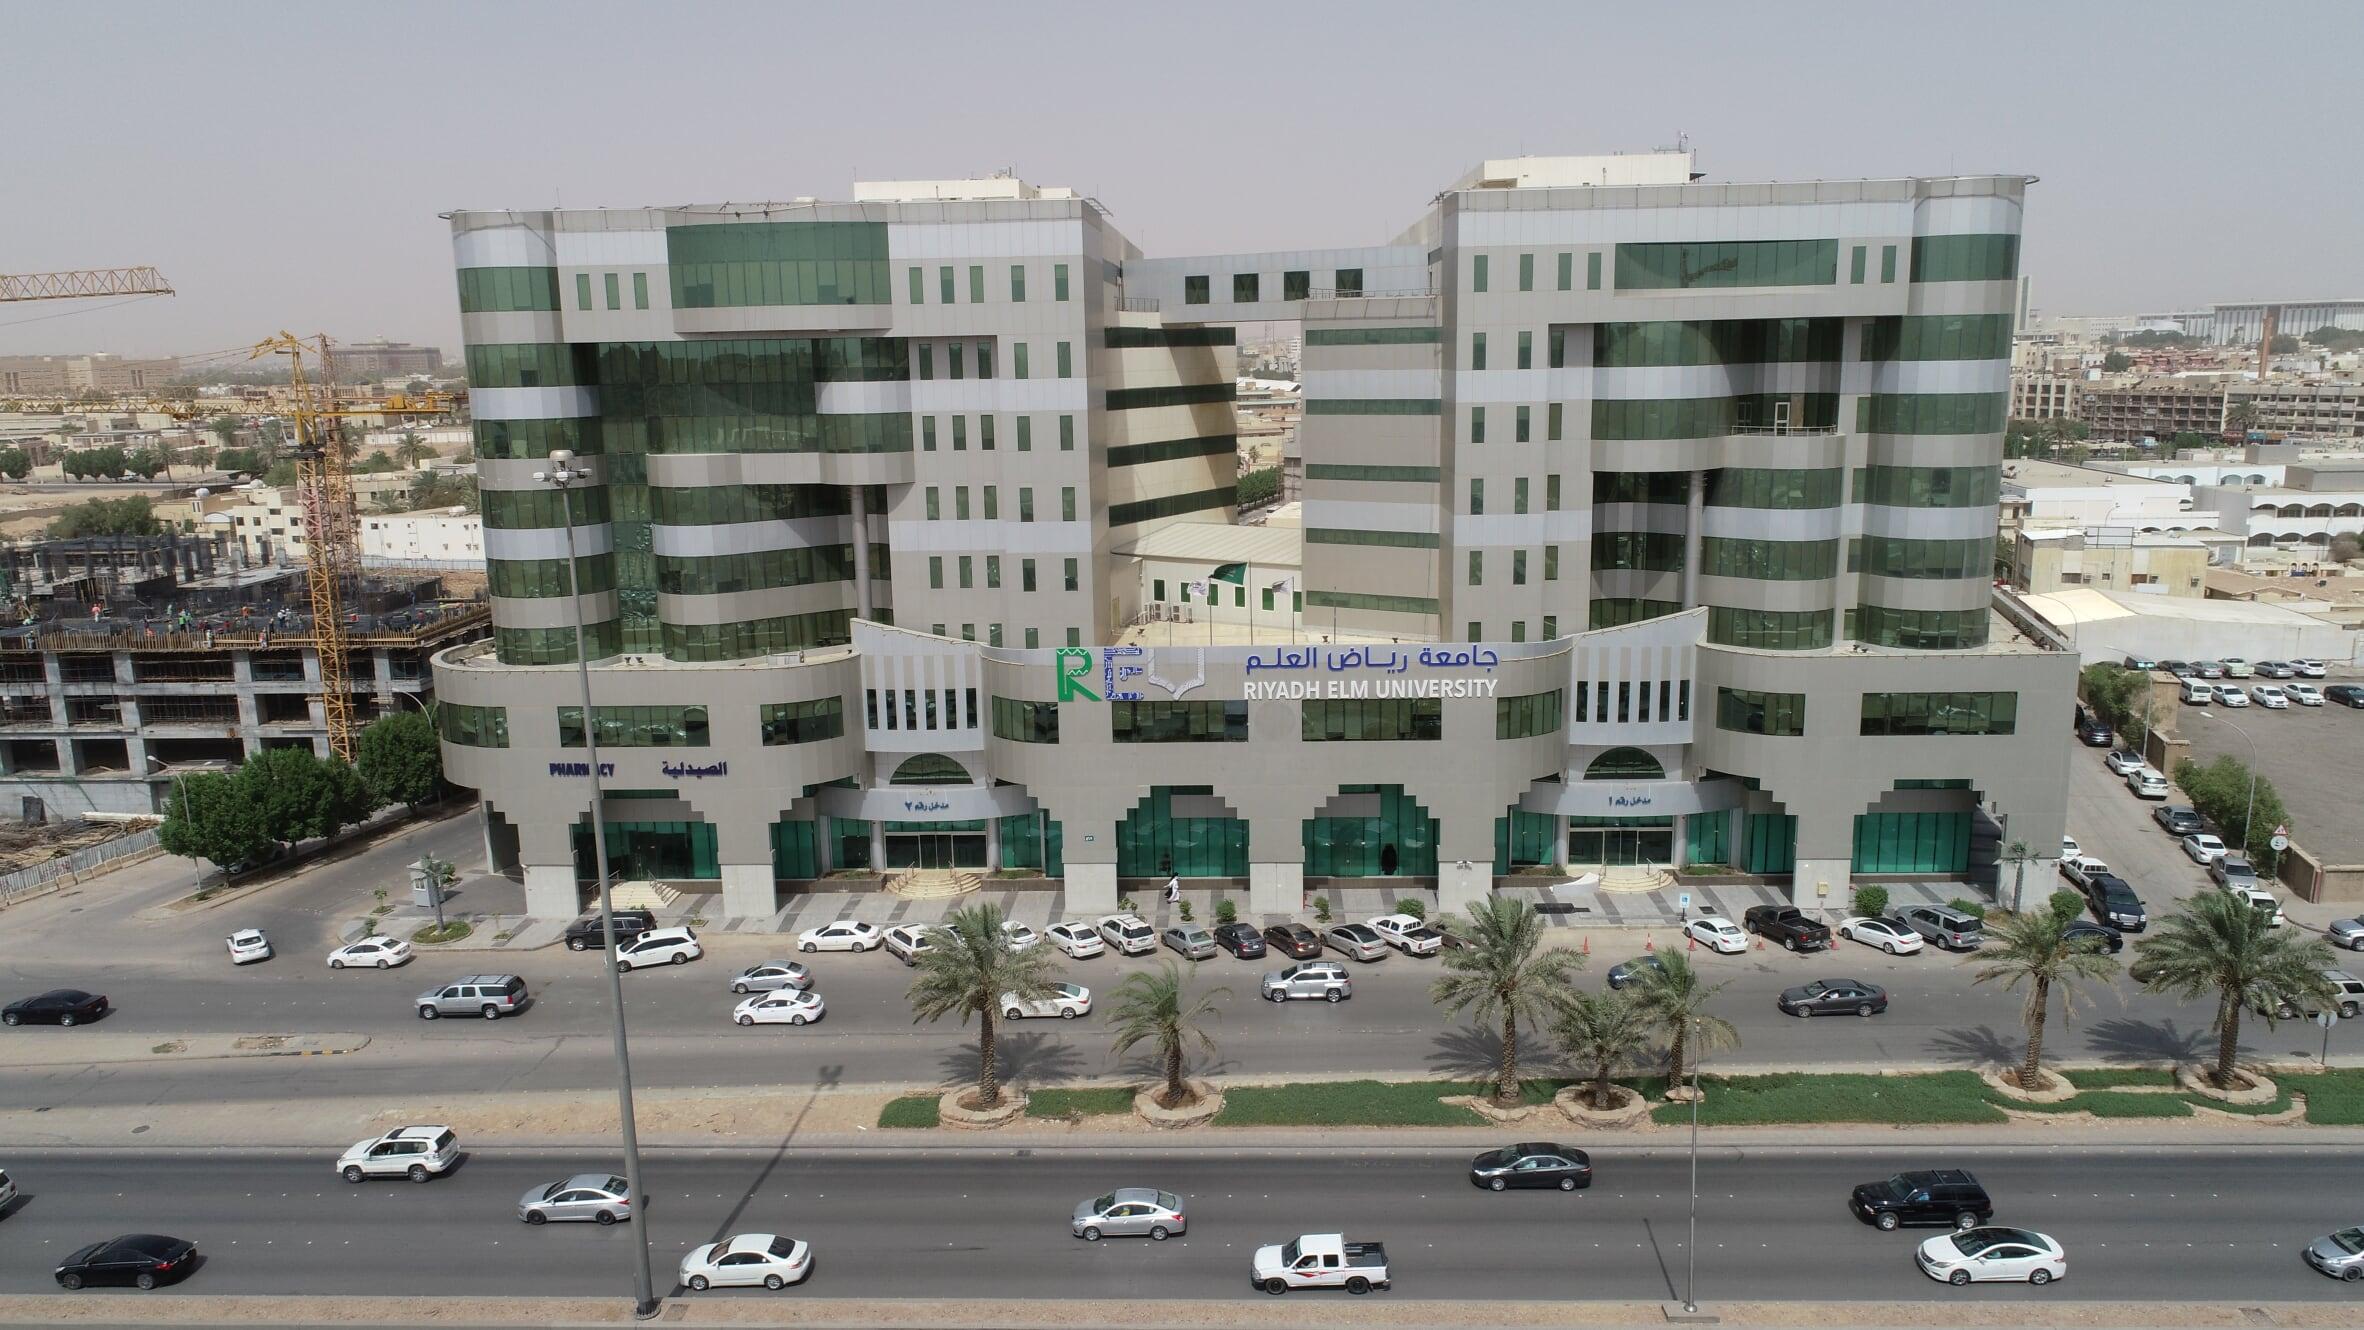 Campus and Hospitals - Riyadh Elm University   جامعة رياض العلم